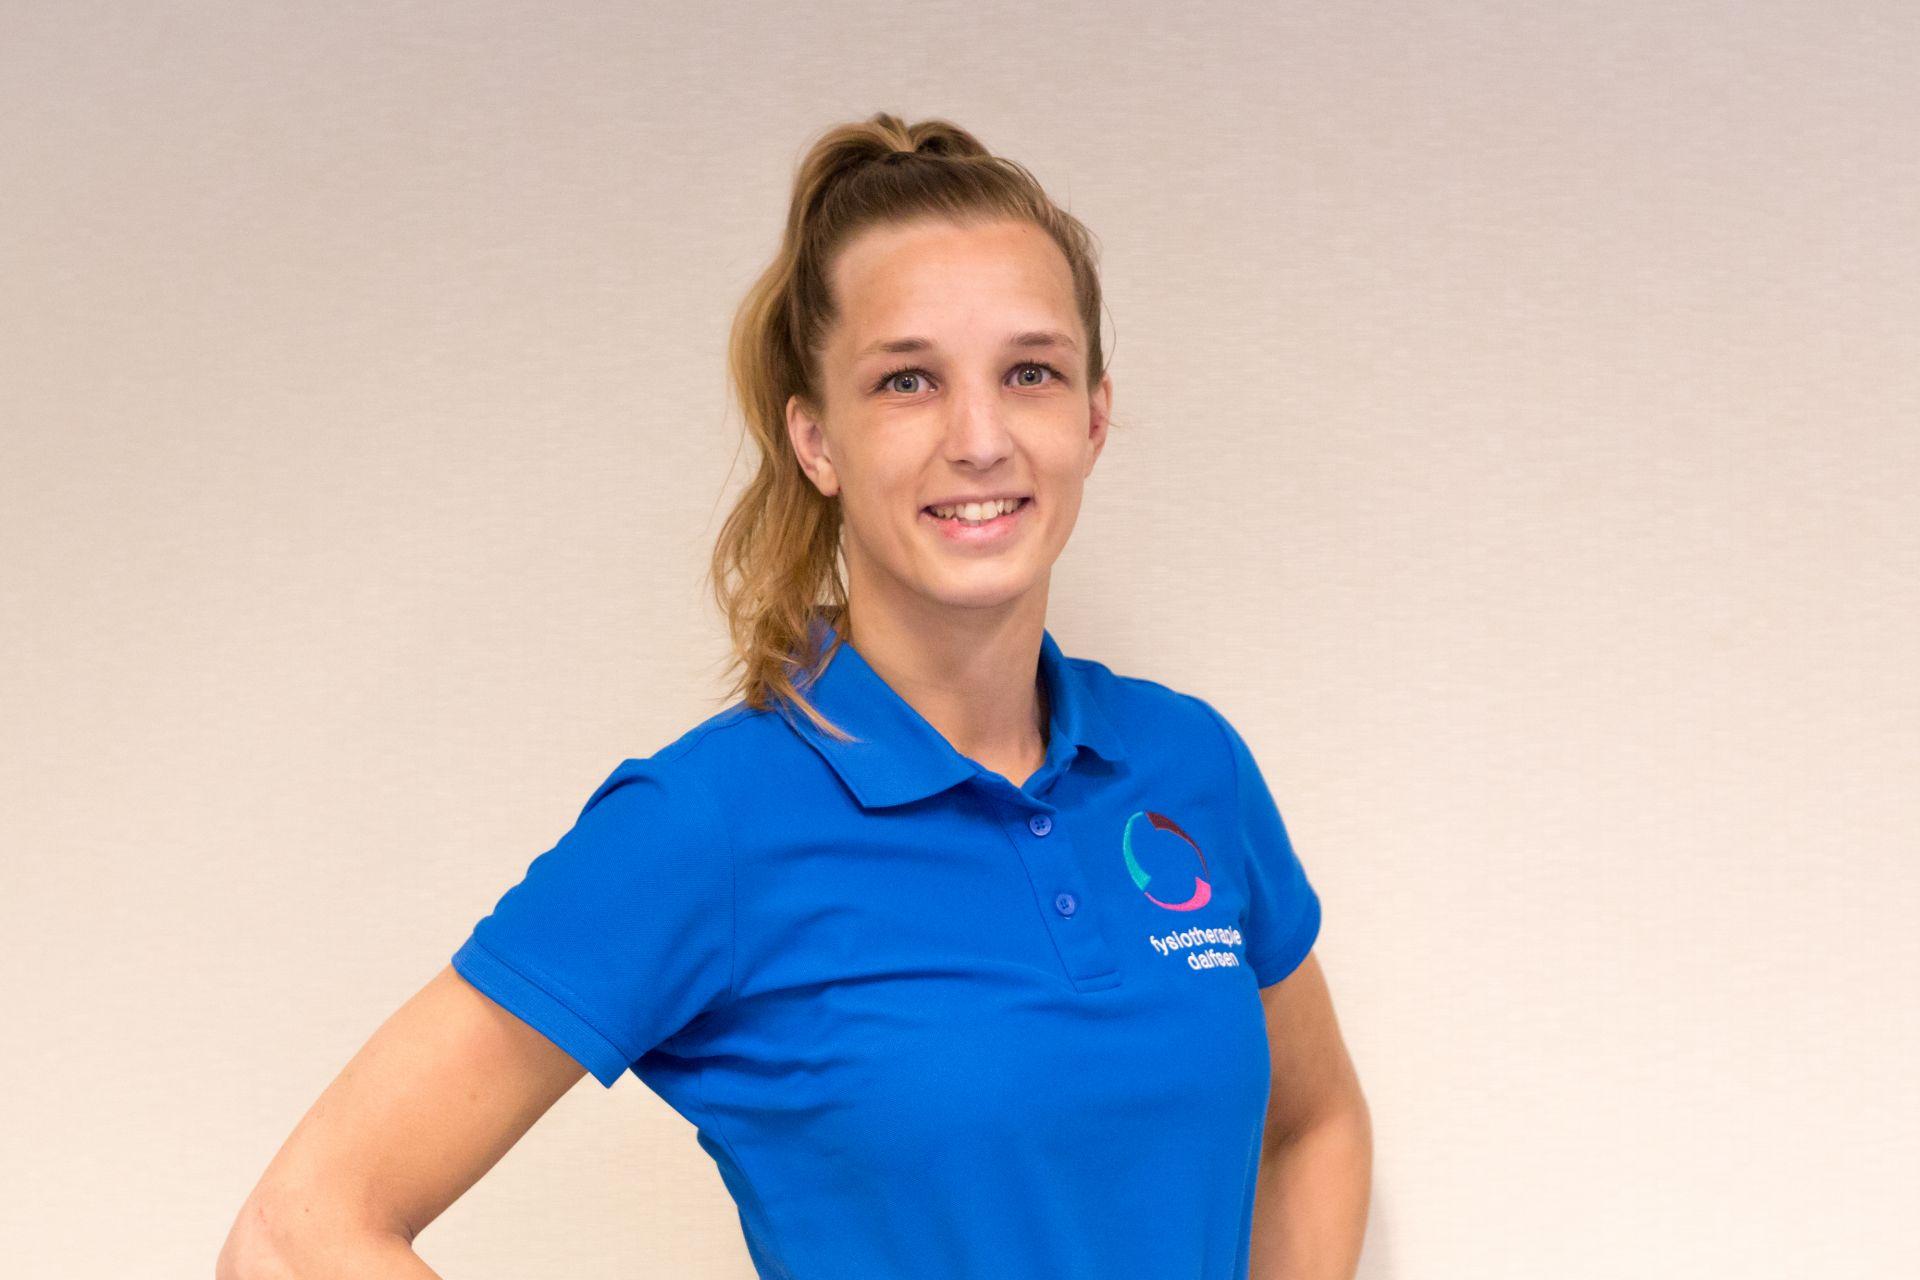 Valerie van der Horst